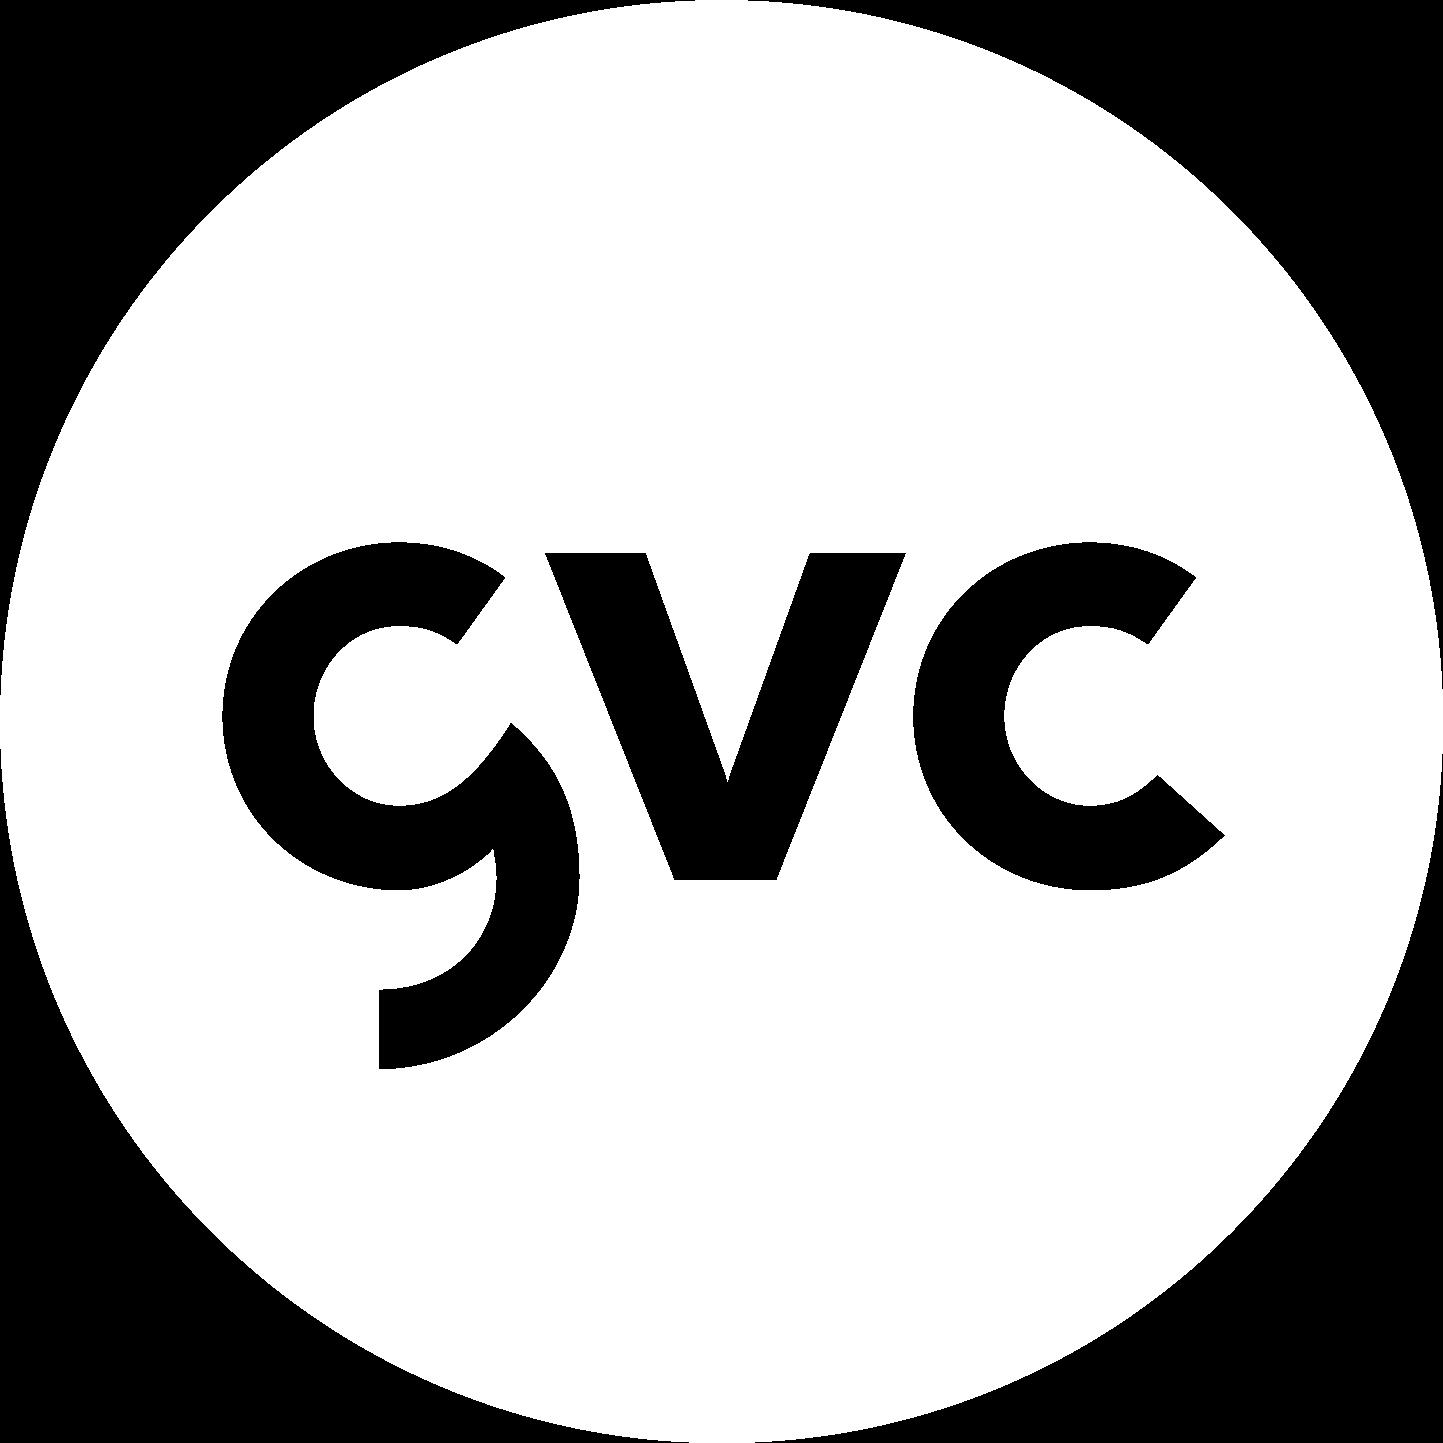 GvC Winterthur